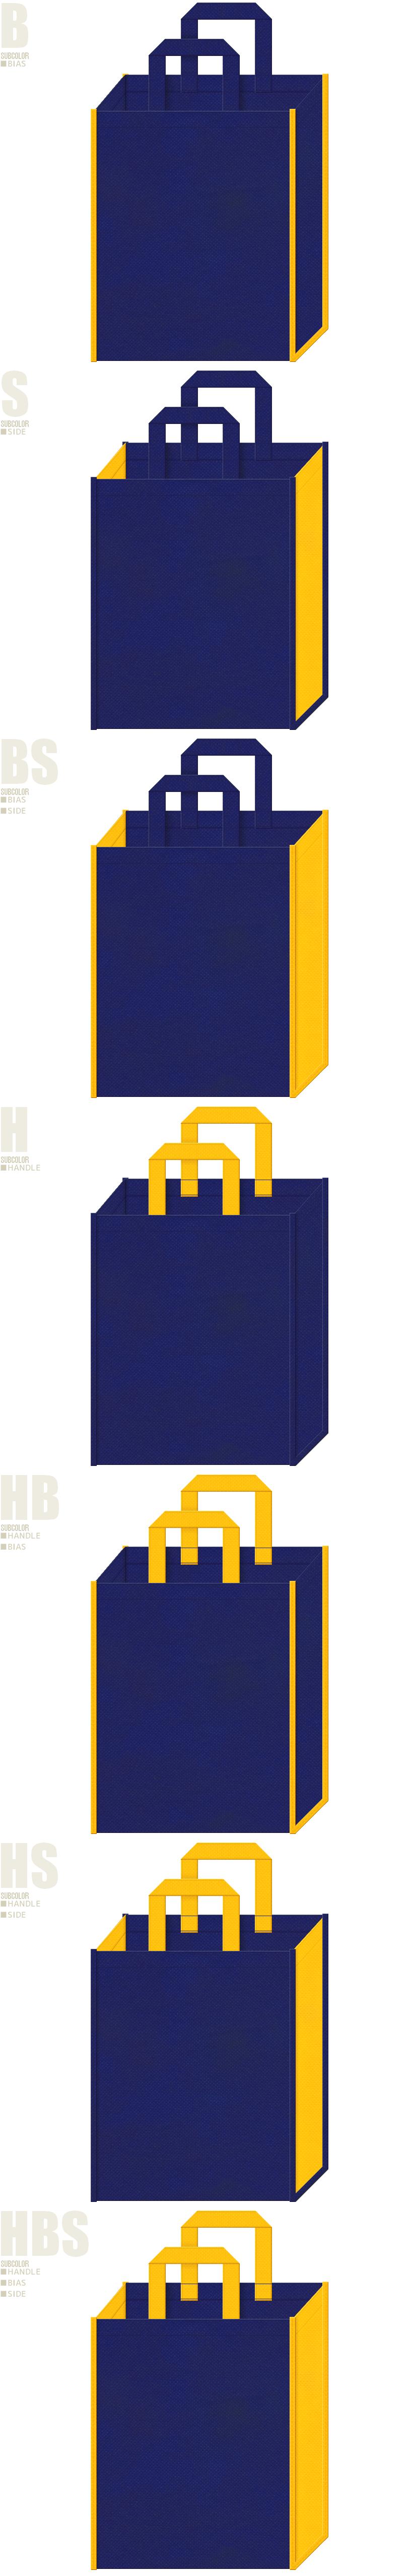 電気・通信機器の展示会用バッグにお奨めの、紺紫色と黄色-7パターンの不織布トートバッグ配色デザイン例。